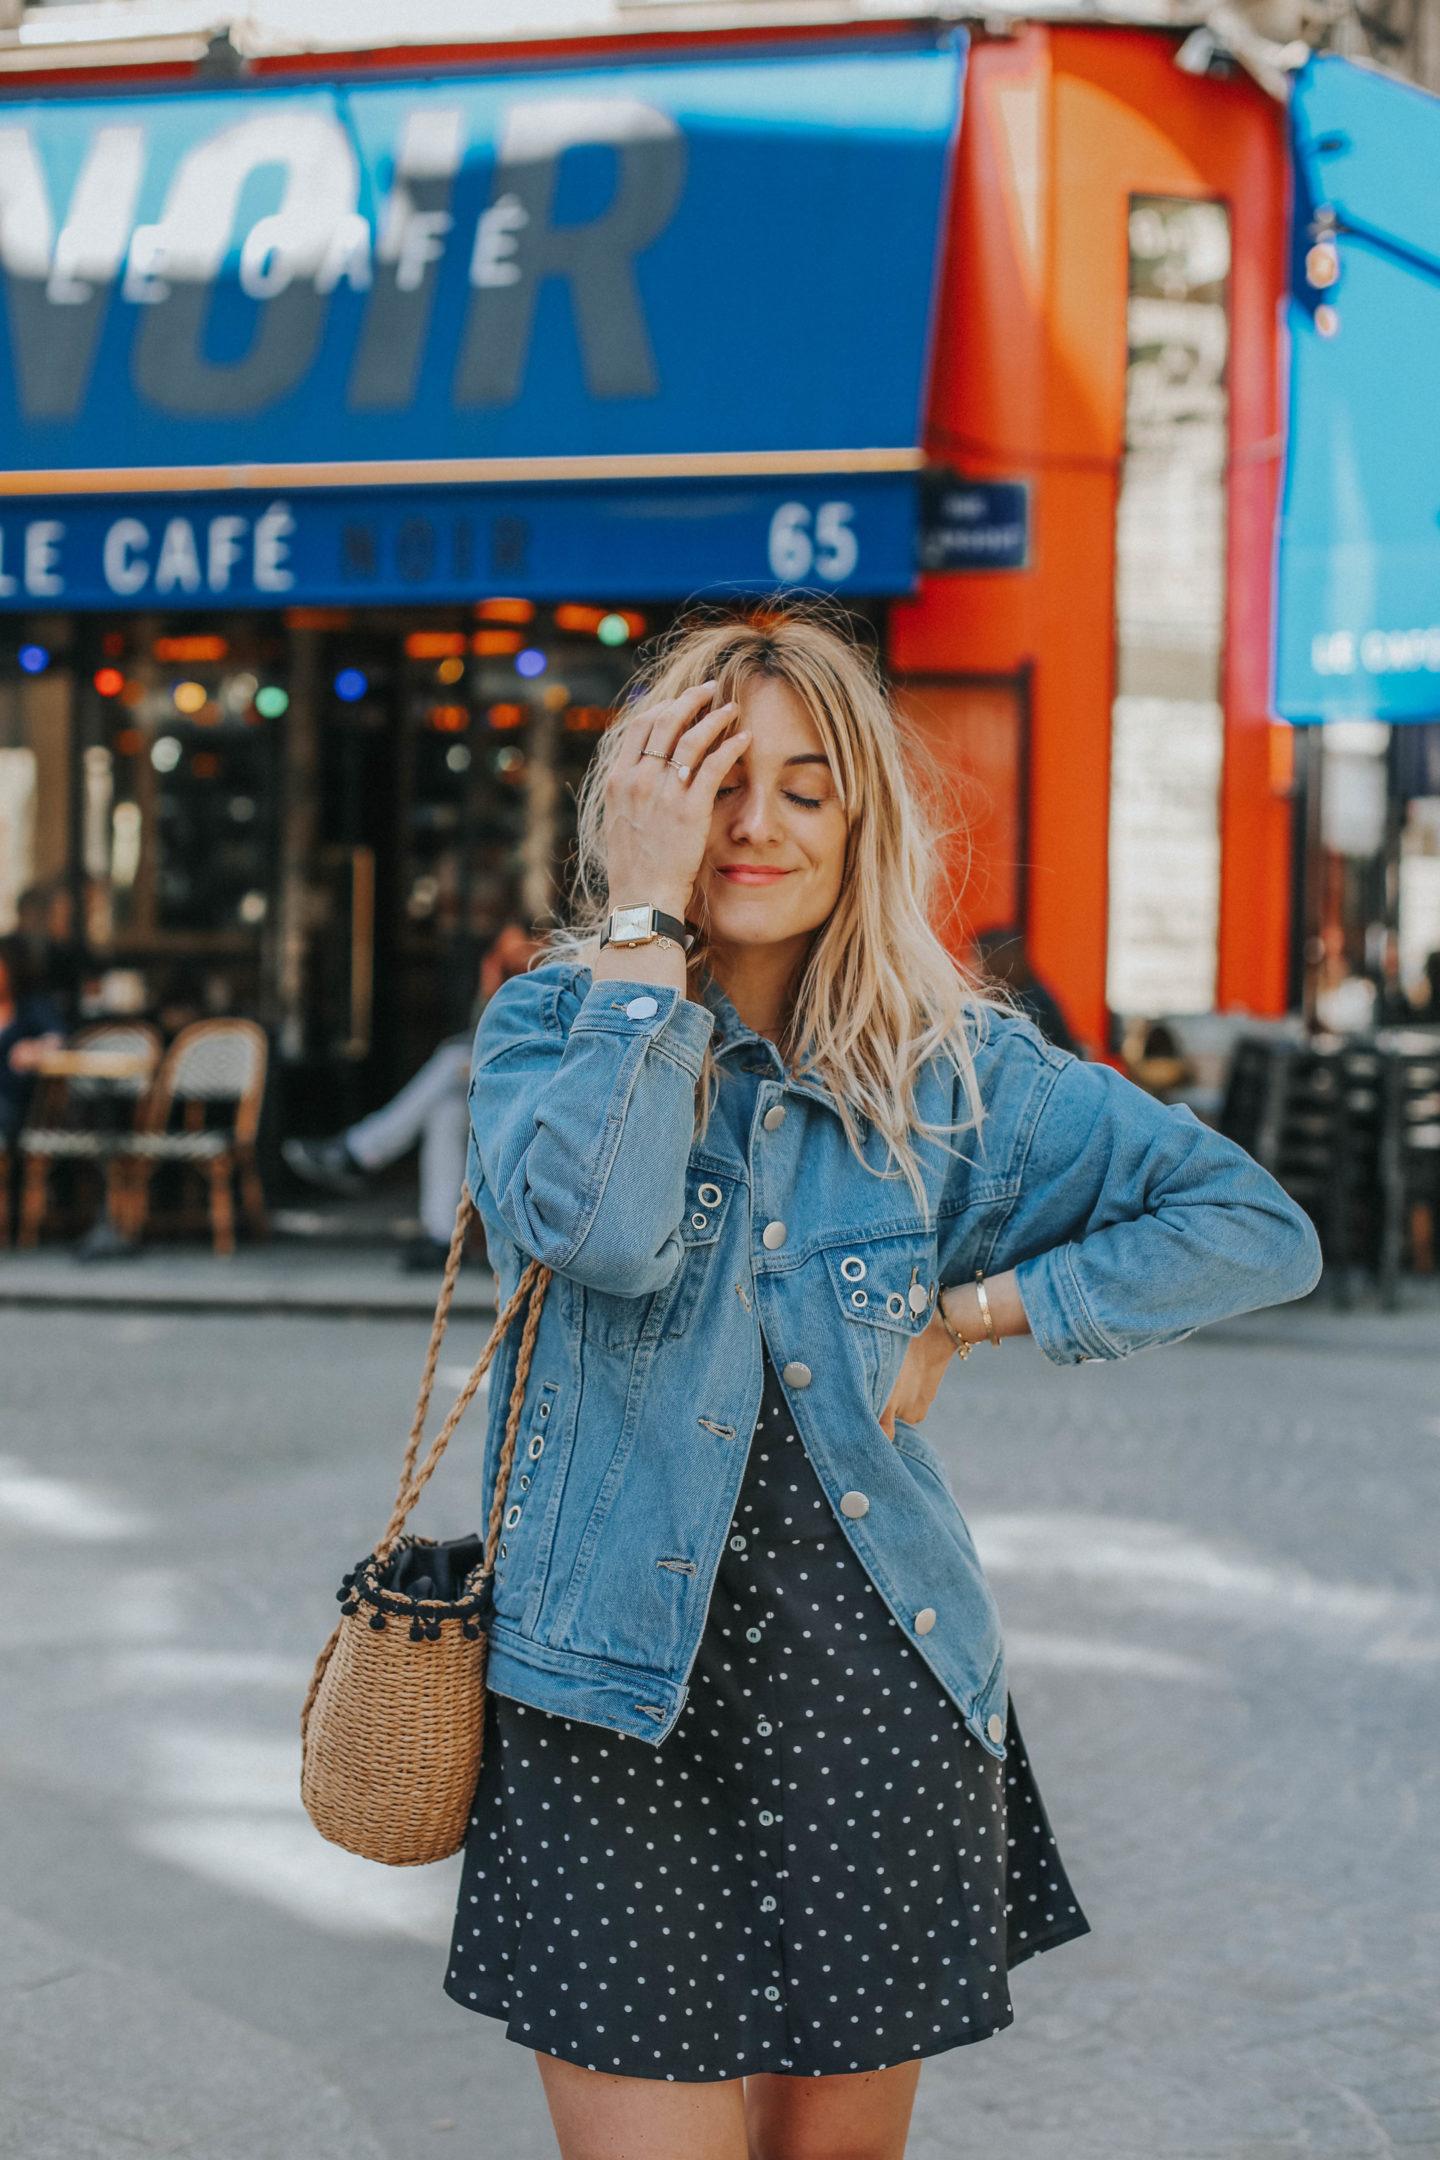 Montre Cluse - Blondie Baby blog mode Paris et voyages